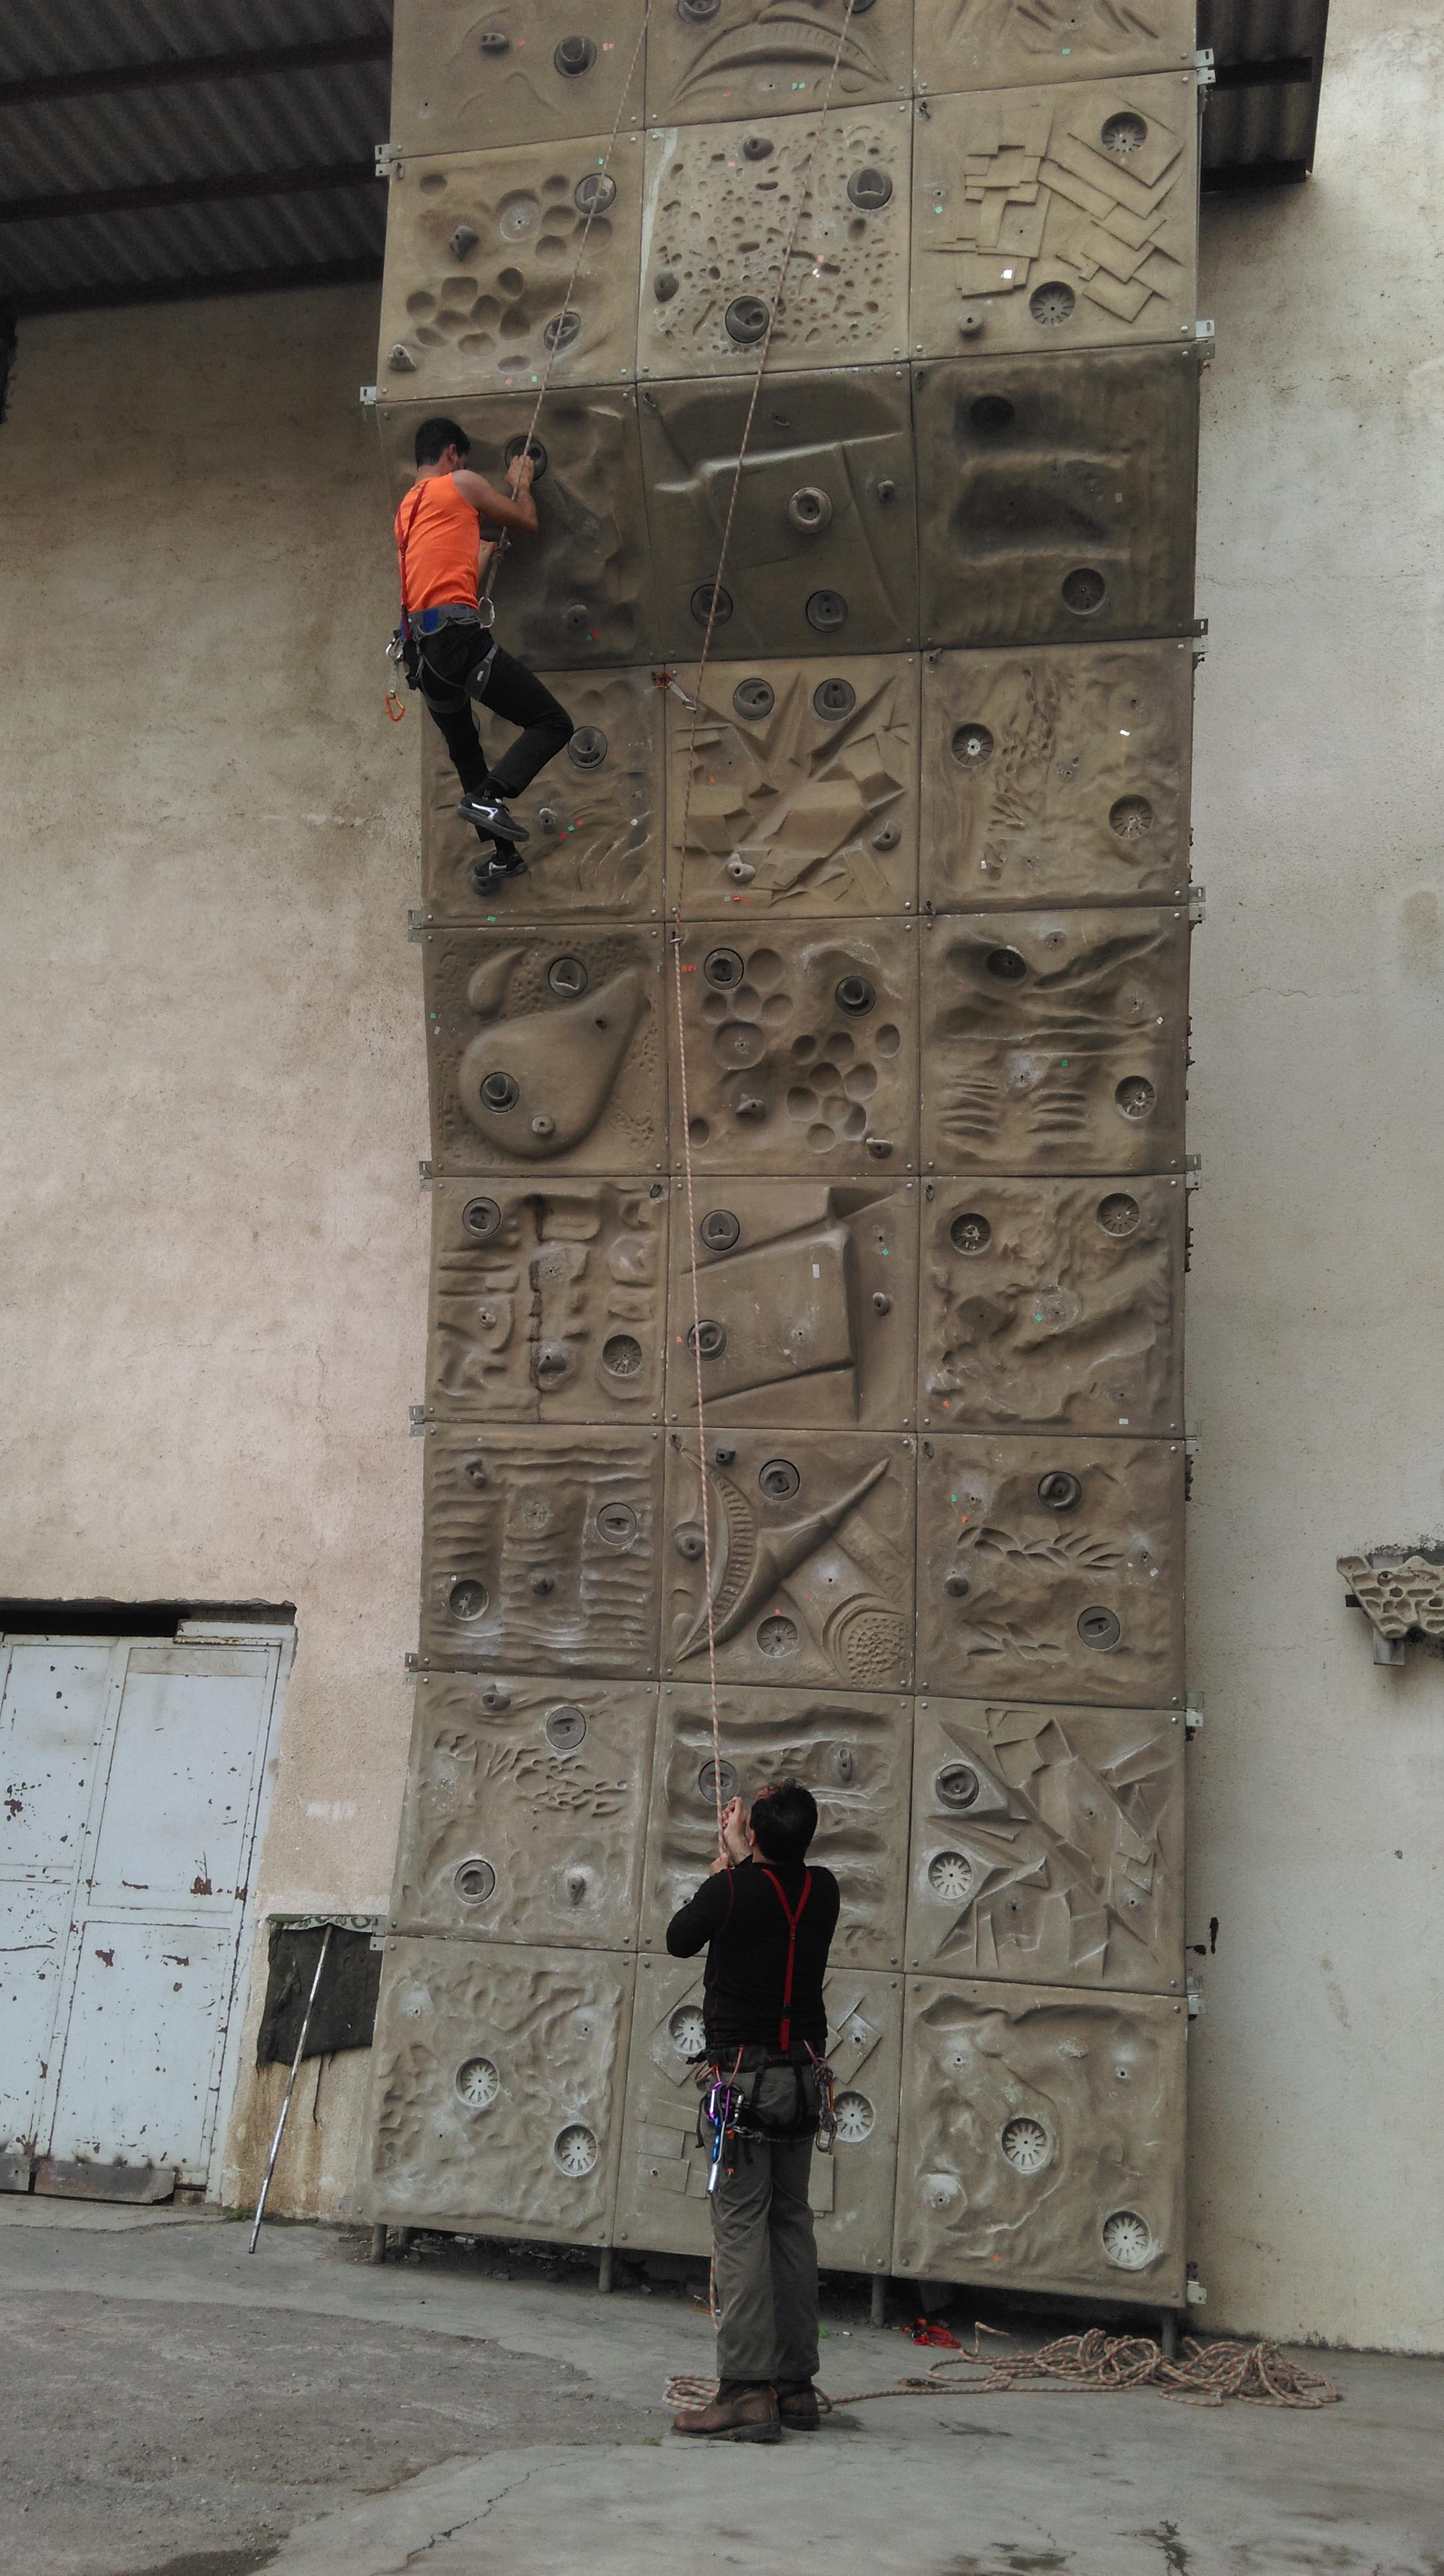 دیواره ی هیئت کوهنوردی آمل(سنگ نوردی)